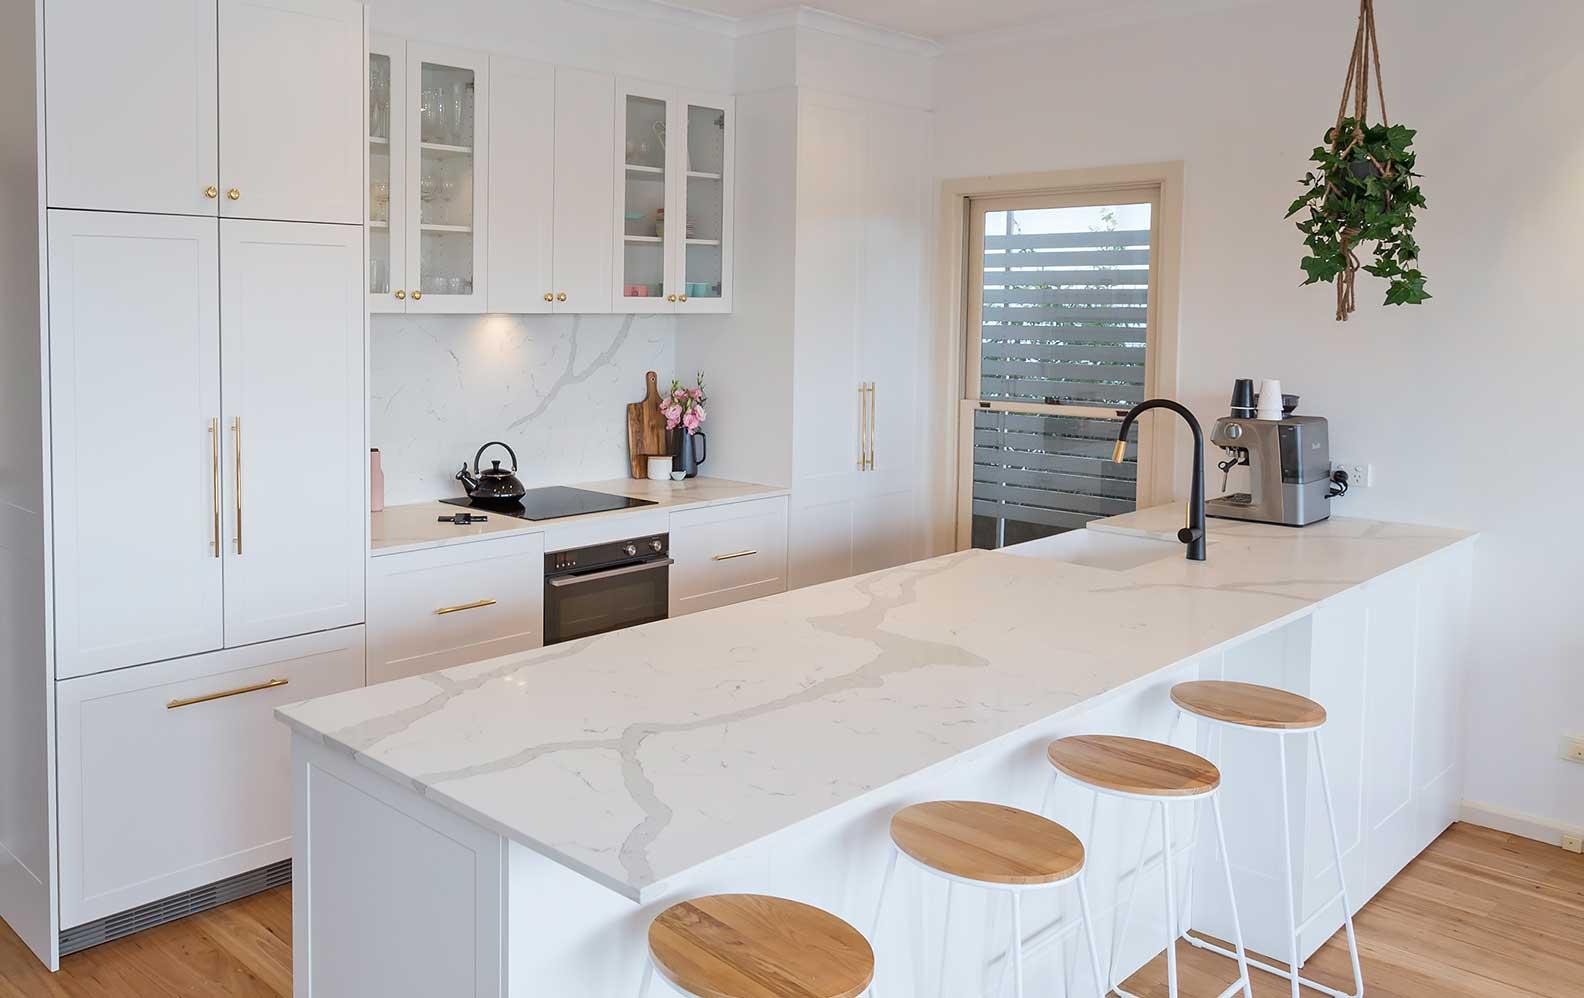 Kitchen Maker Viewbank - In2 Kitchens